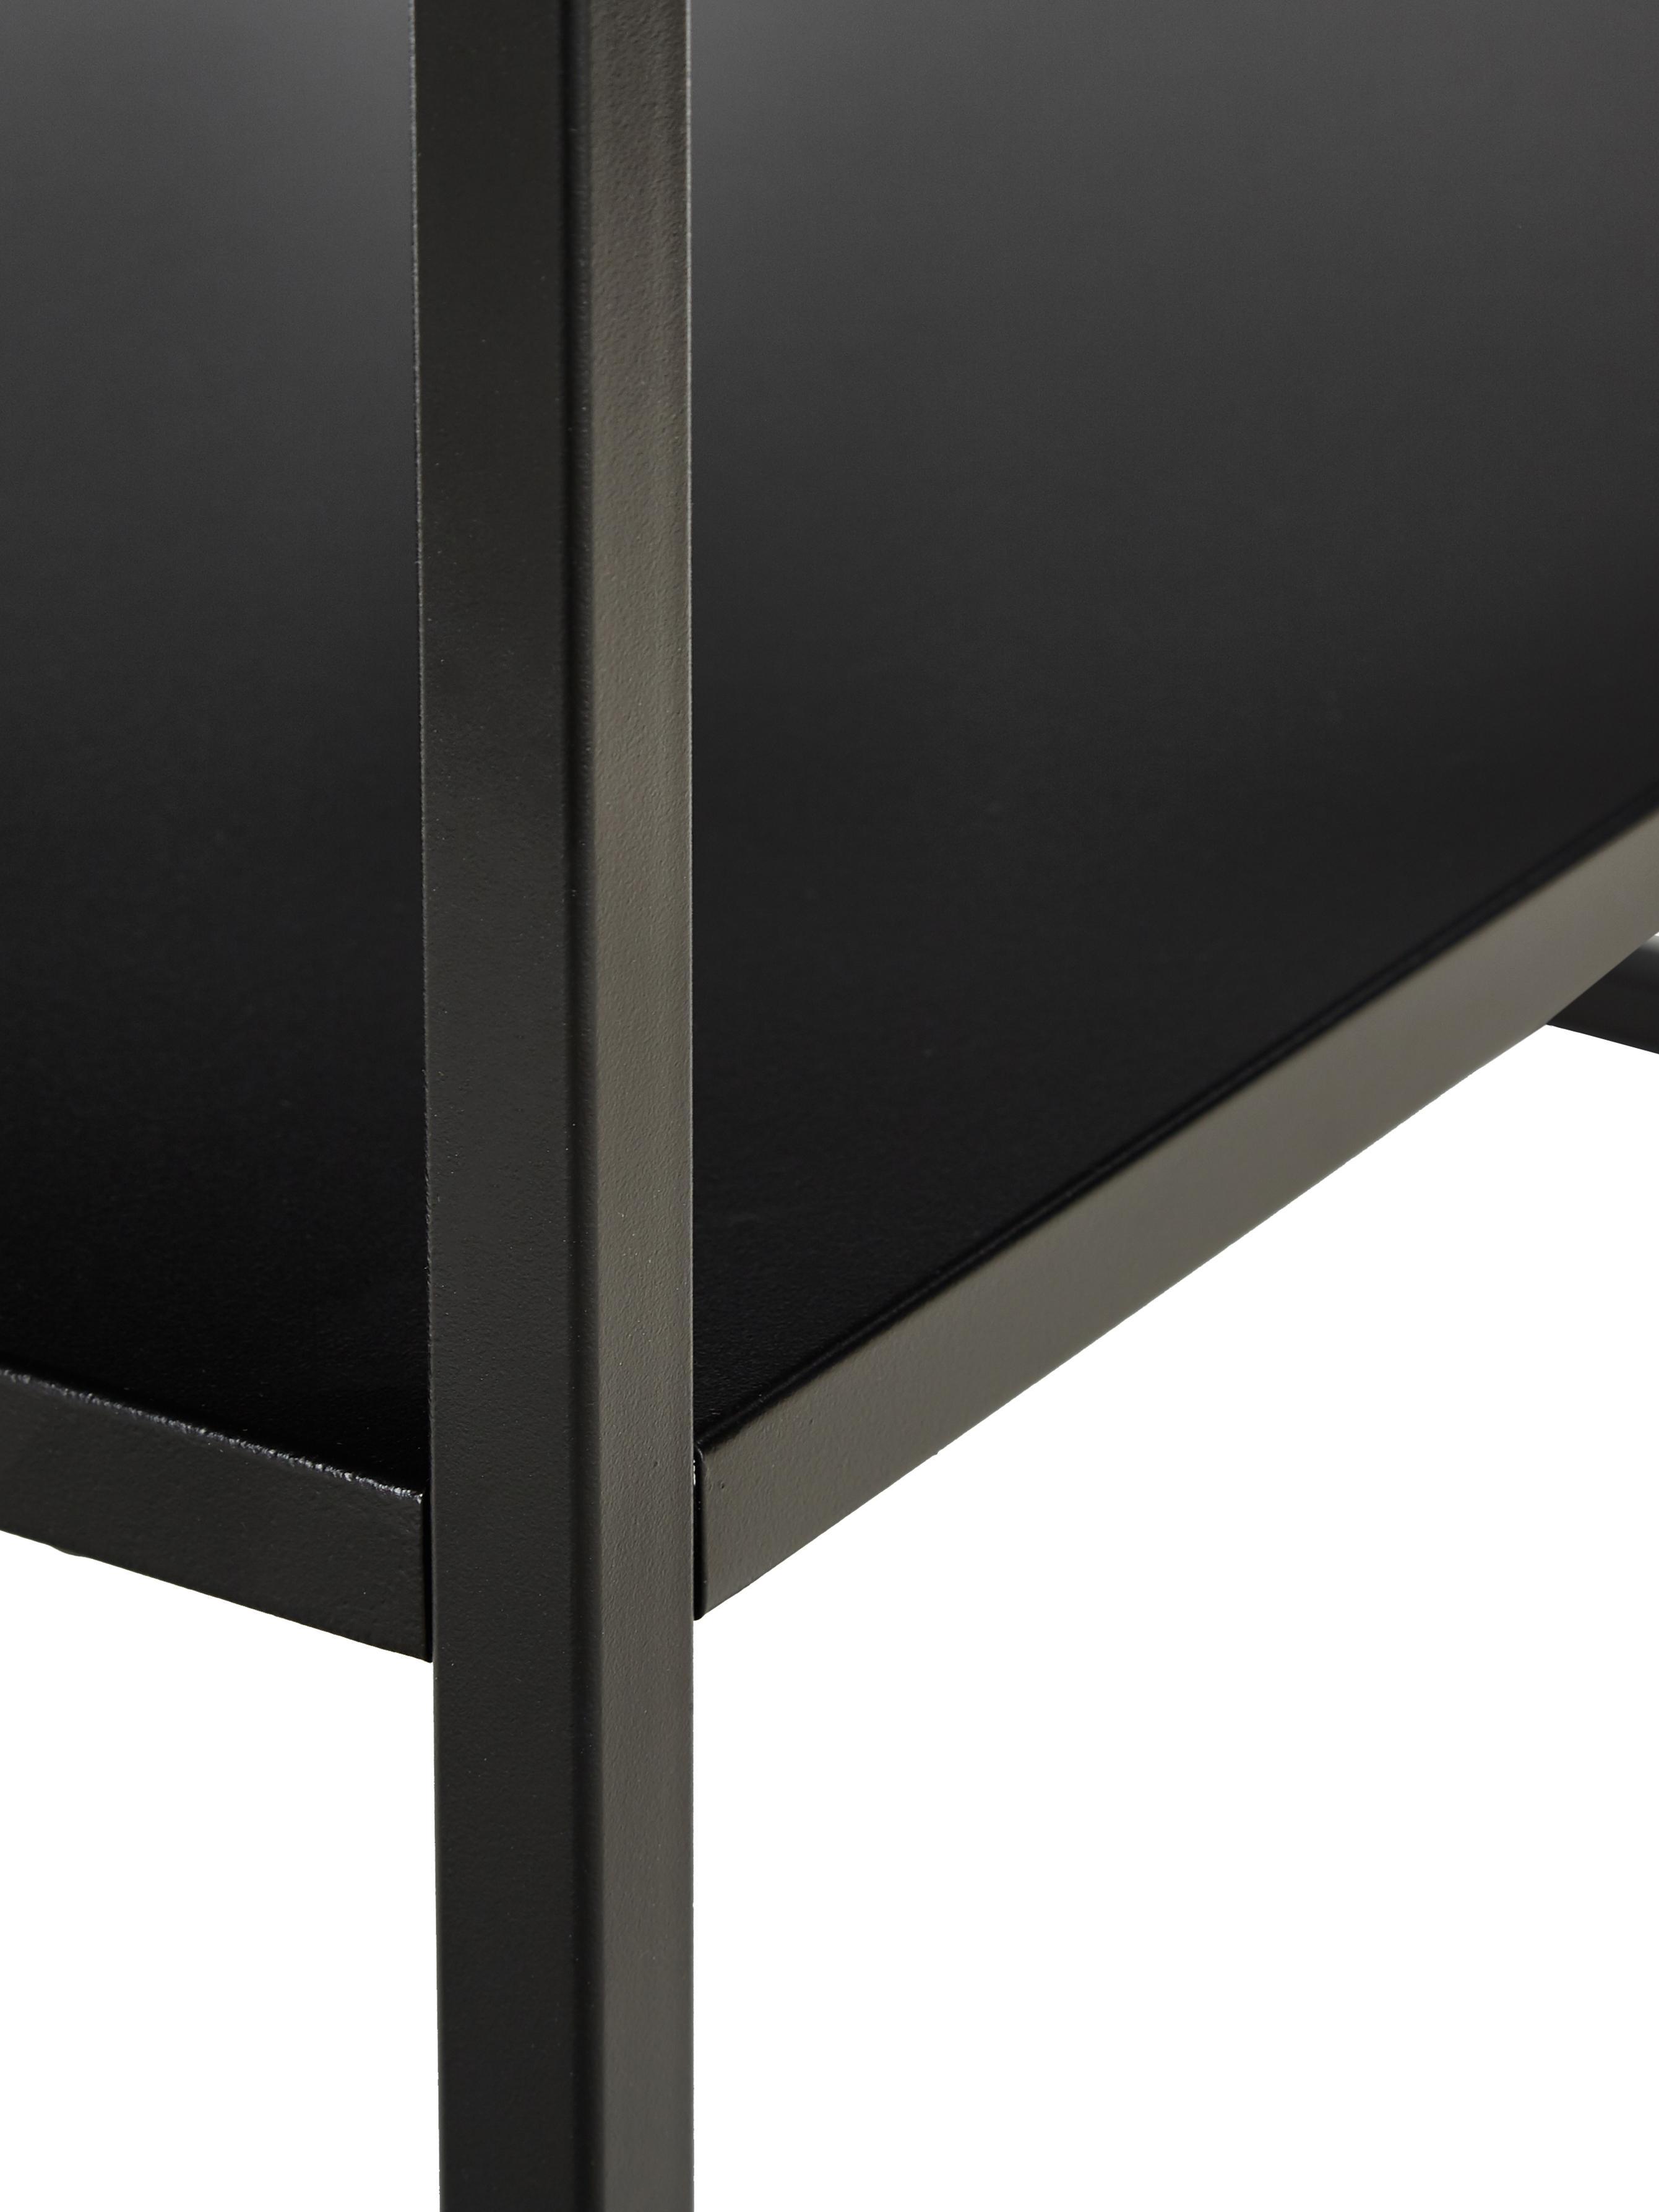 Metall-Couchtisch Newton in Schwarz, Metall, pulverbeschichtet, Schwarz, 90 x 45 cm